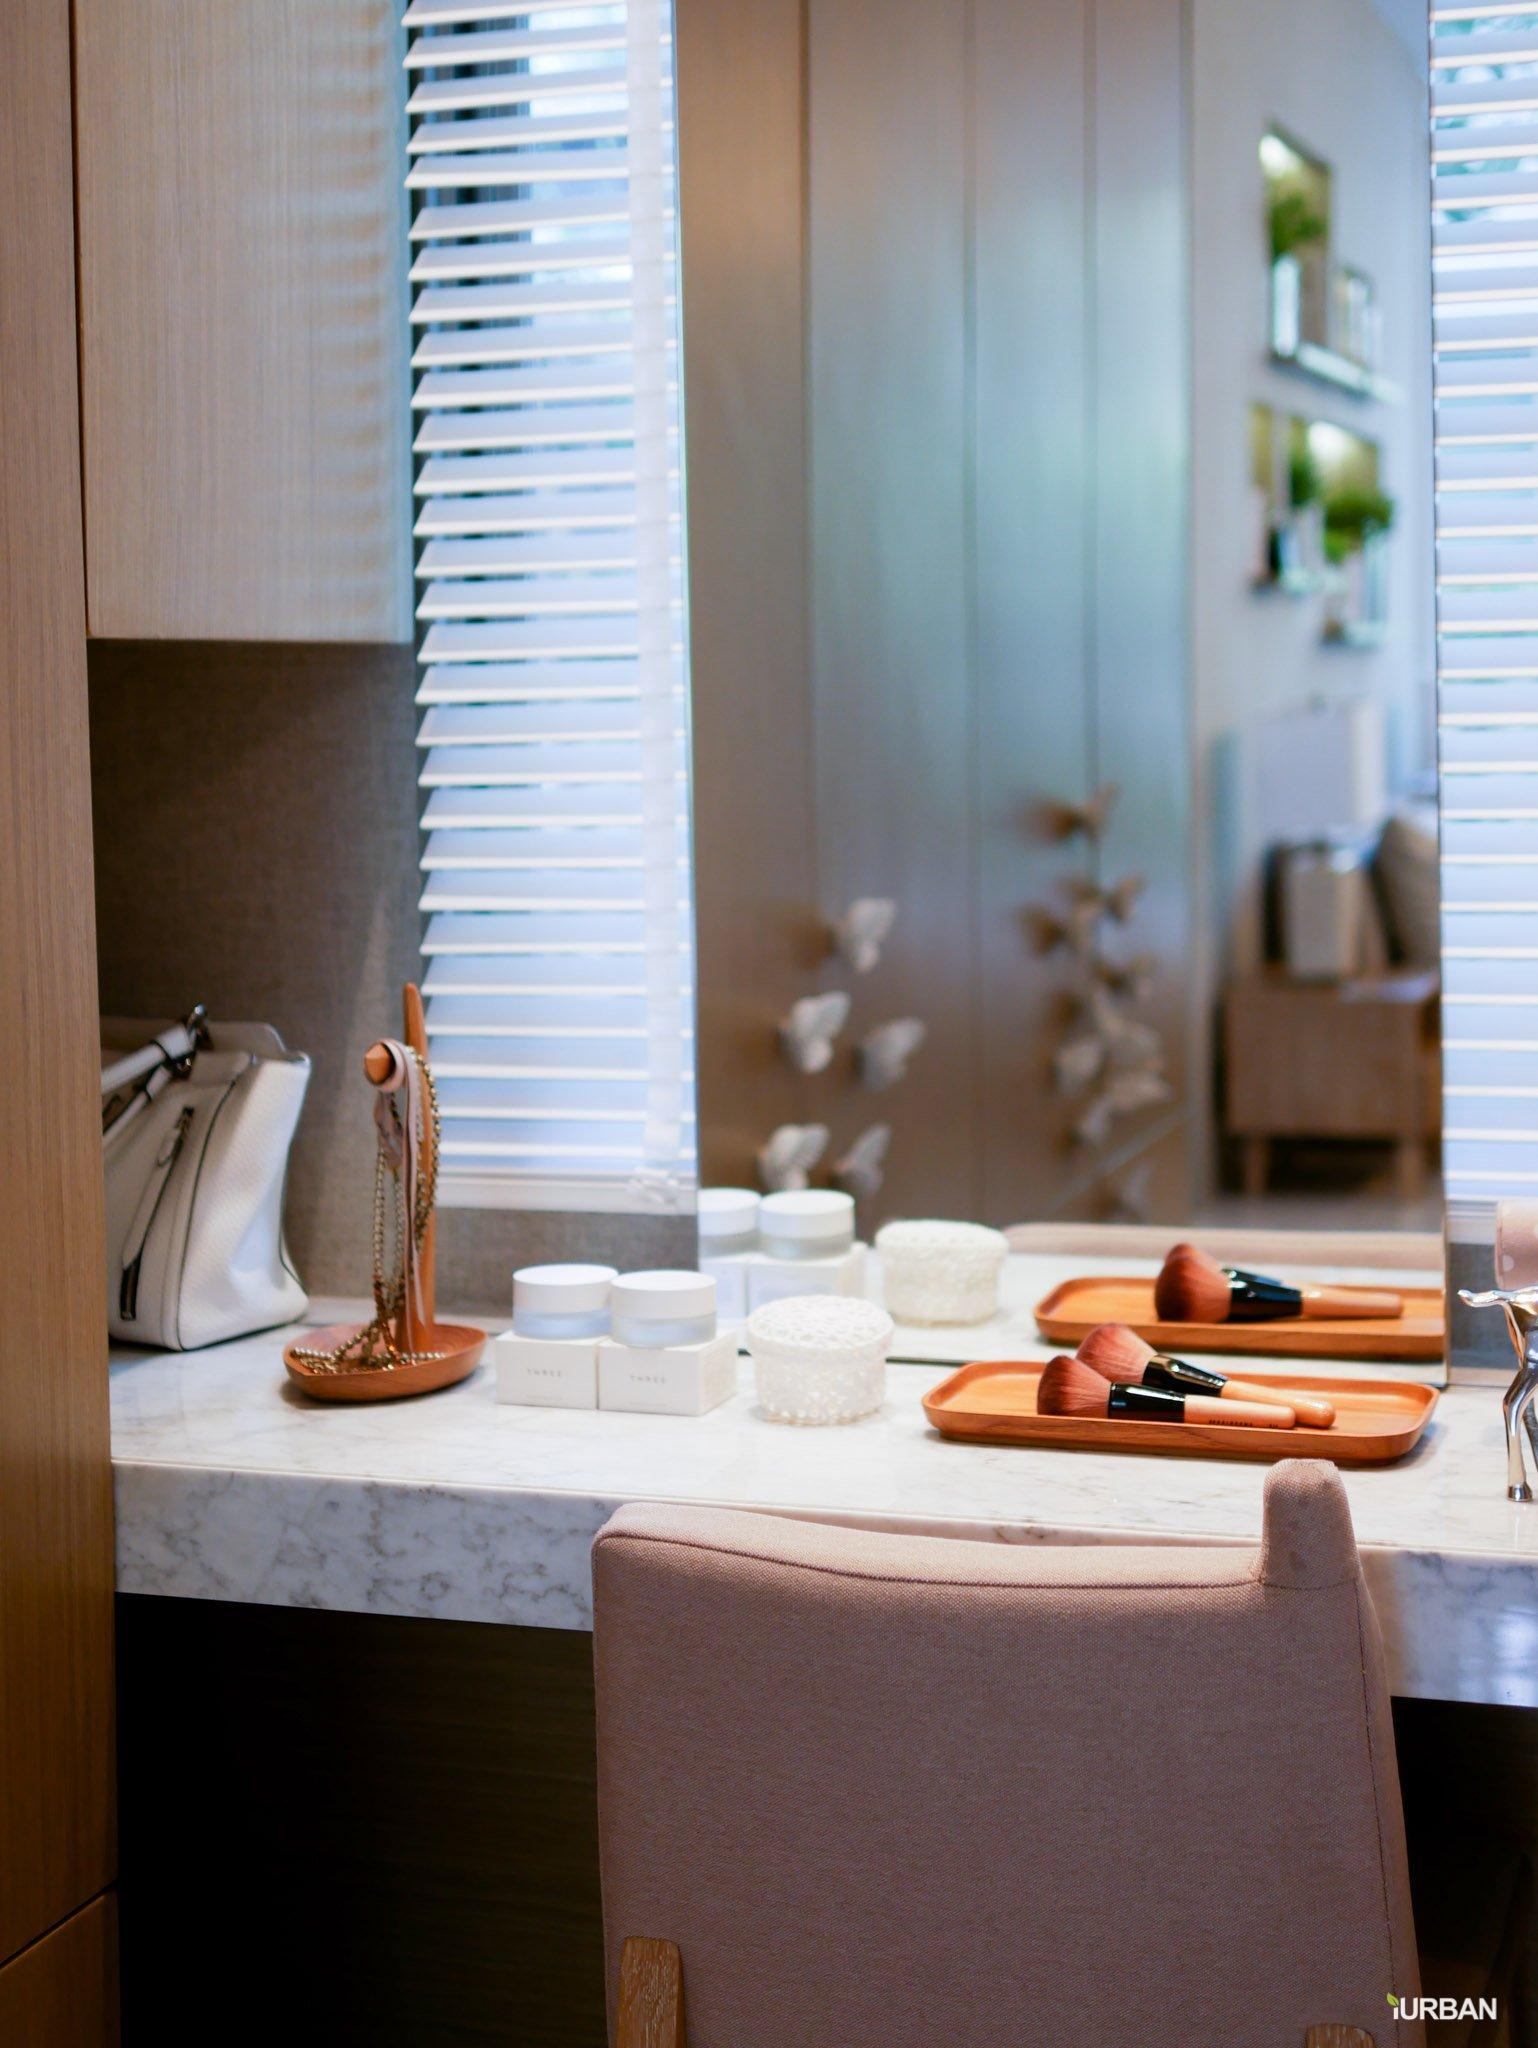 รีวิว Nirvana Beyond พระราม 2 บ้านที่ออกแบบทุกดีเทลเพื่อความสุขทุก GEN ของครอบครัวใหญ่ 67 - Beyond